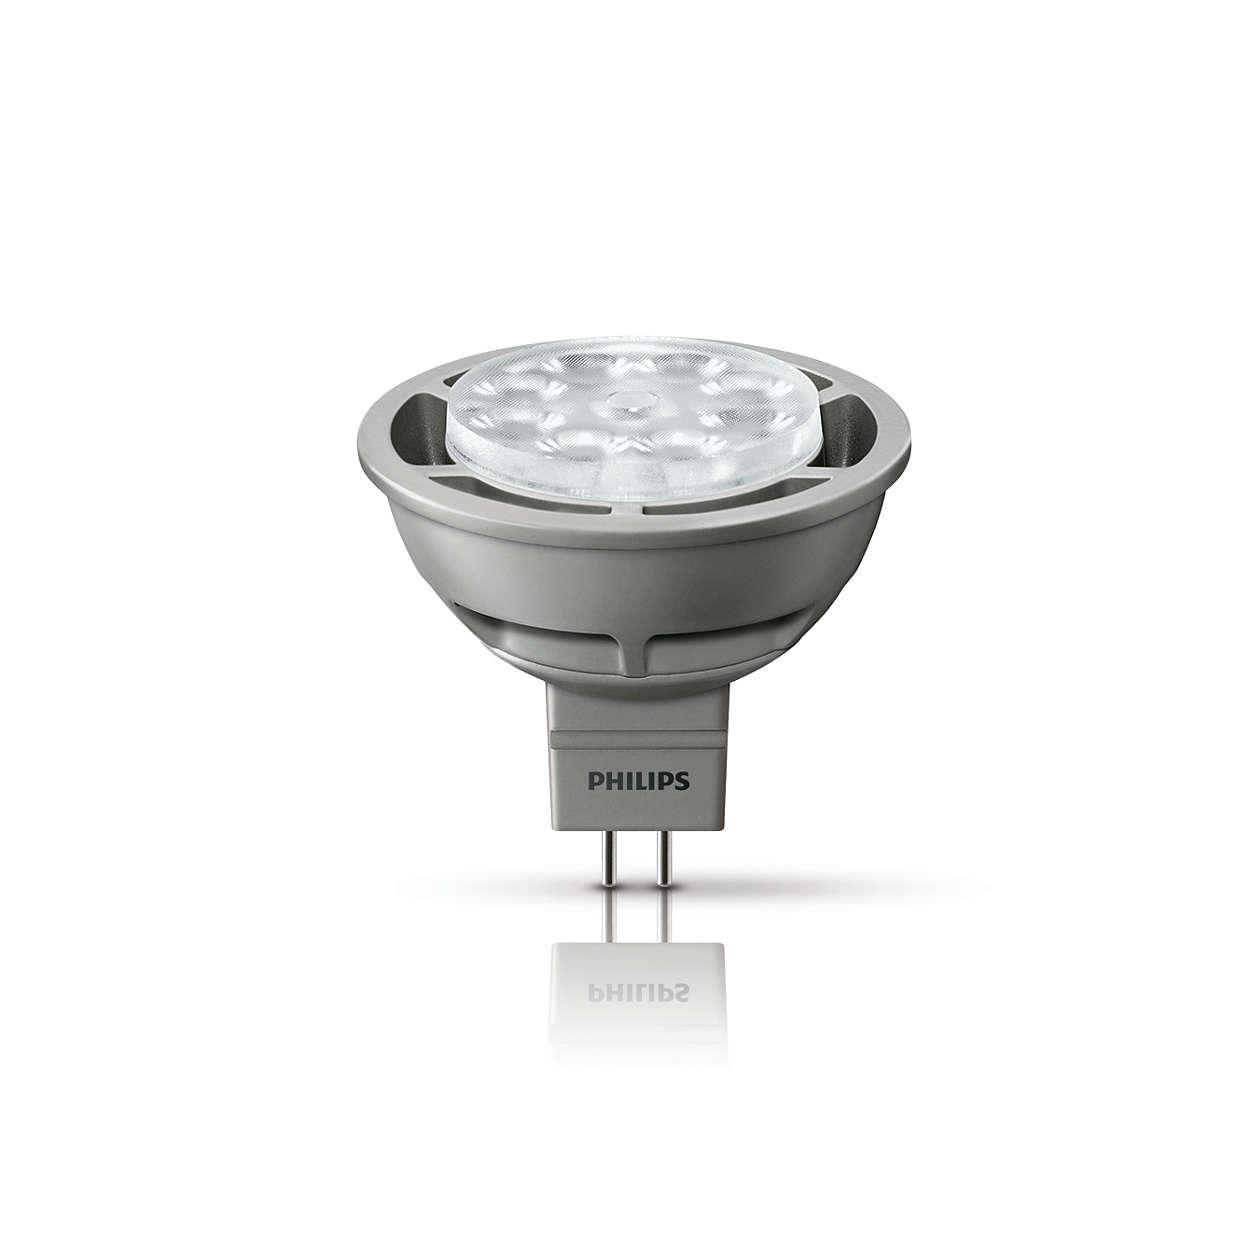 mr16 gu10 par16 led lamps philips lighting. Black Bedroom Furniture Sets. Home Design Ideas